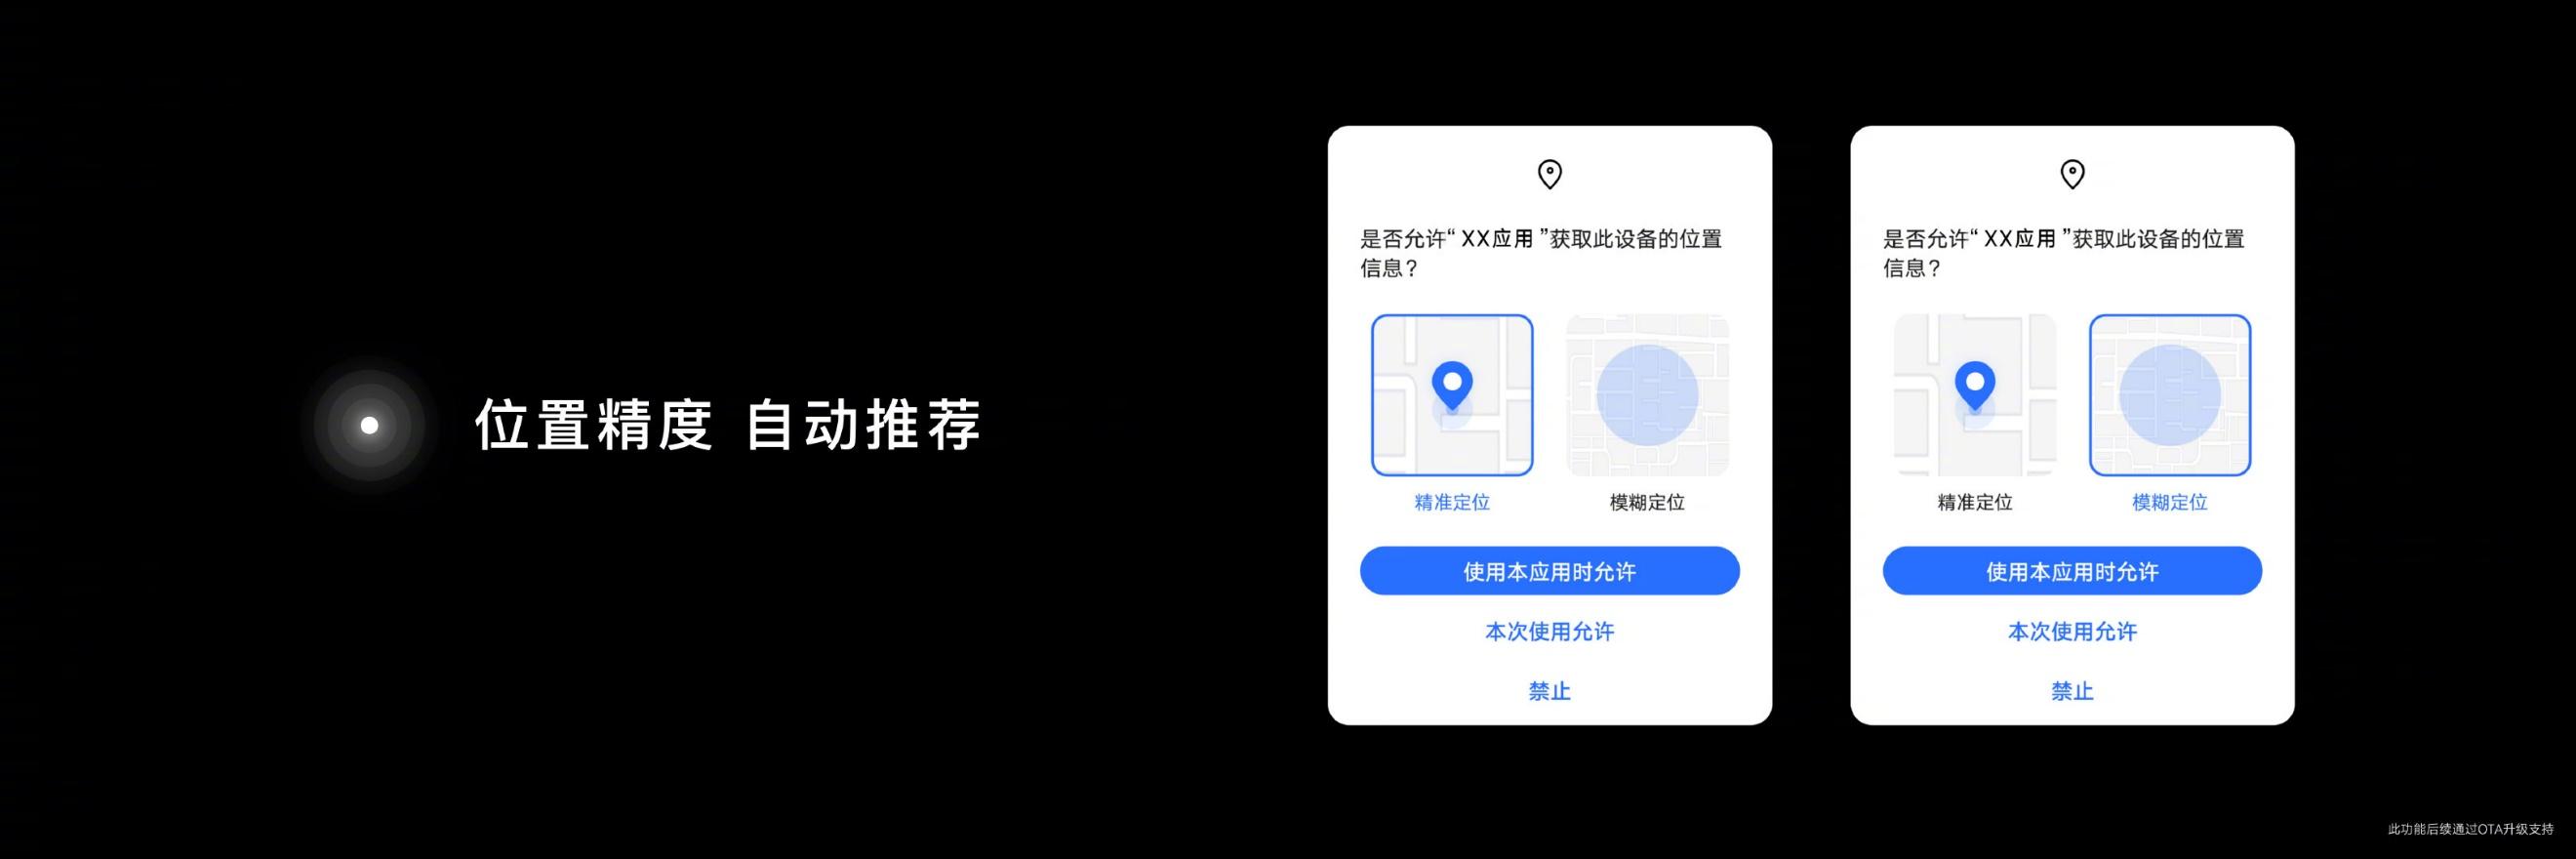 隐私无忧,智慧贴心 荣耀Magic UI 5.0系统体验插图12